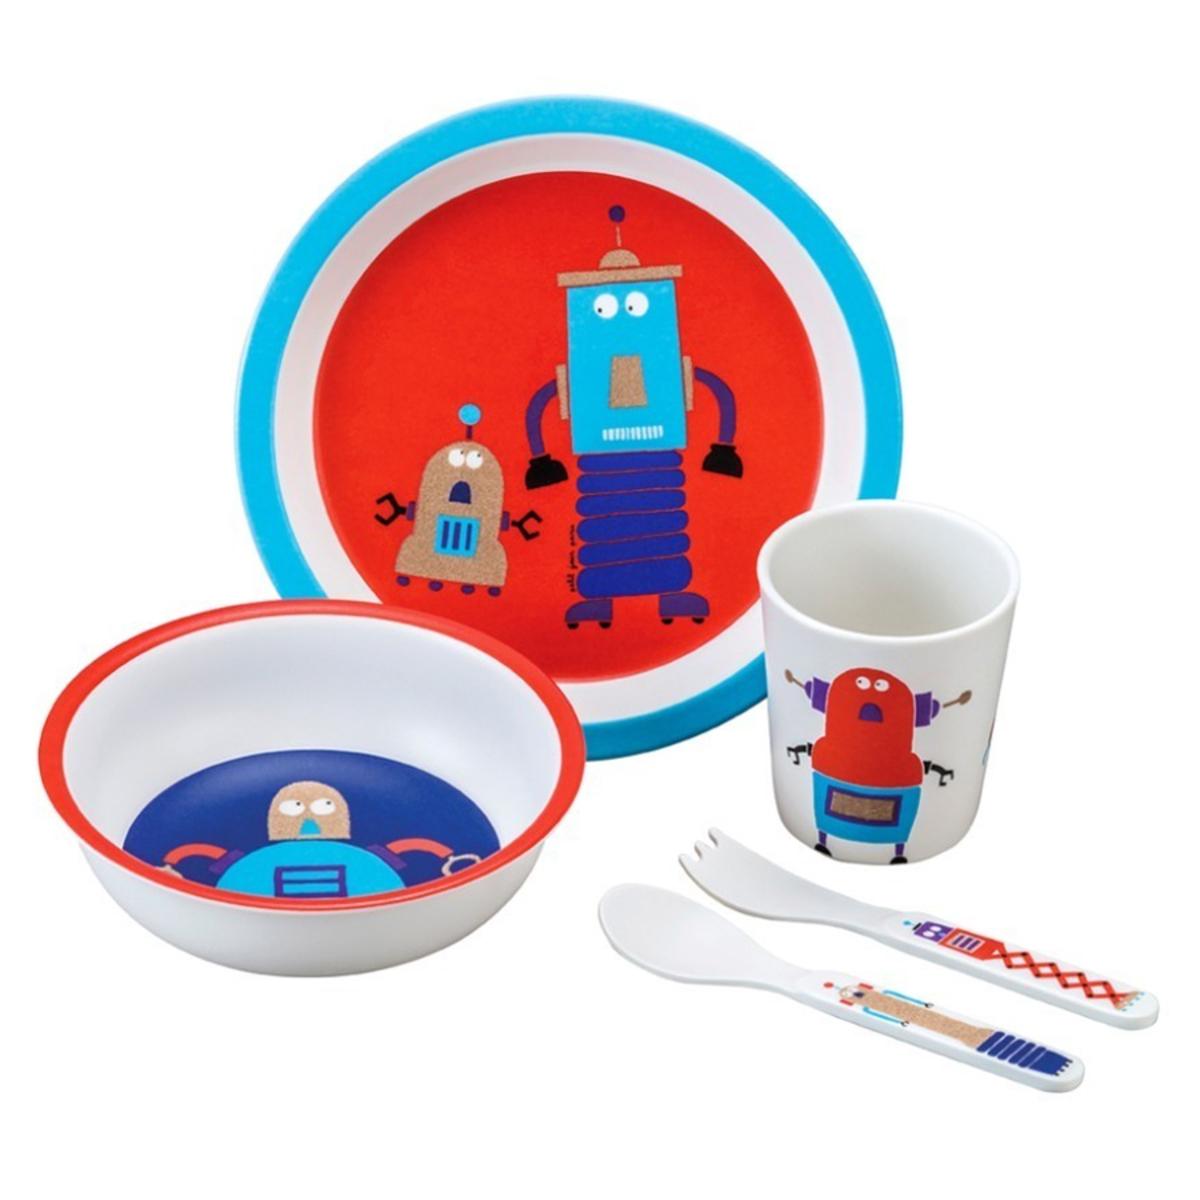 Coffret repas Coffret Cadeau 5 Pièces Scintillant - Les Robots Coffret Cadeau 5 Pièces Scintillant - Les Robots